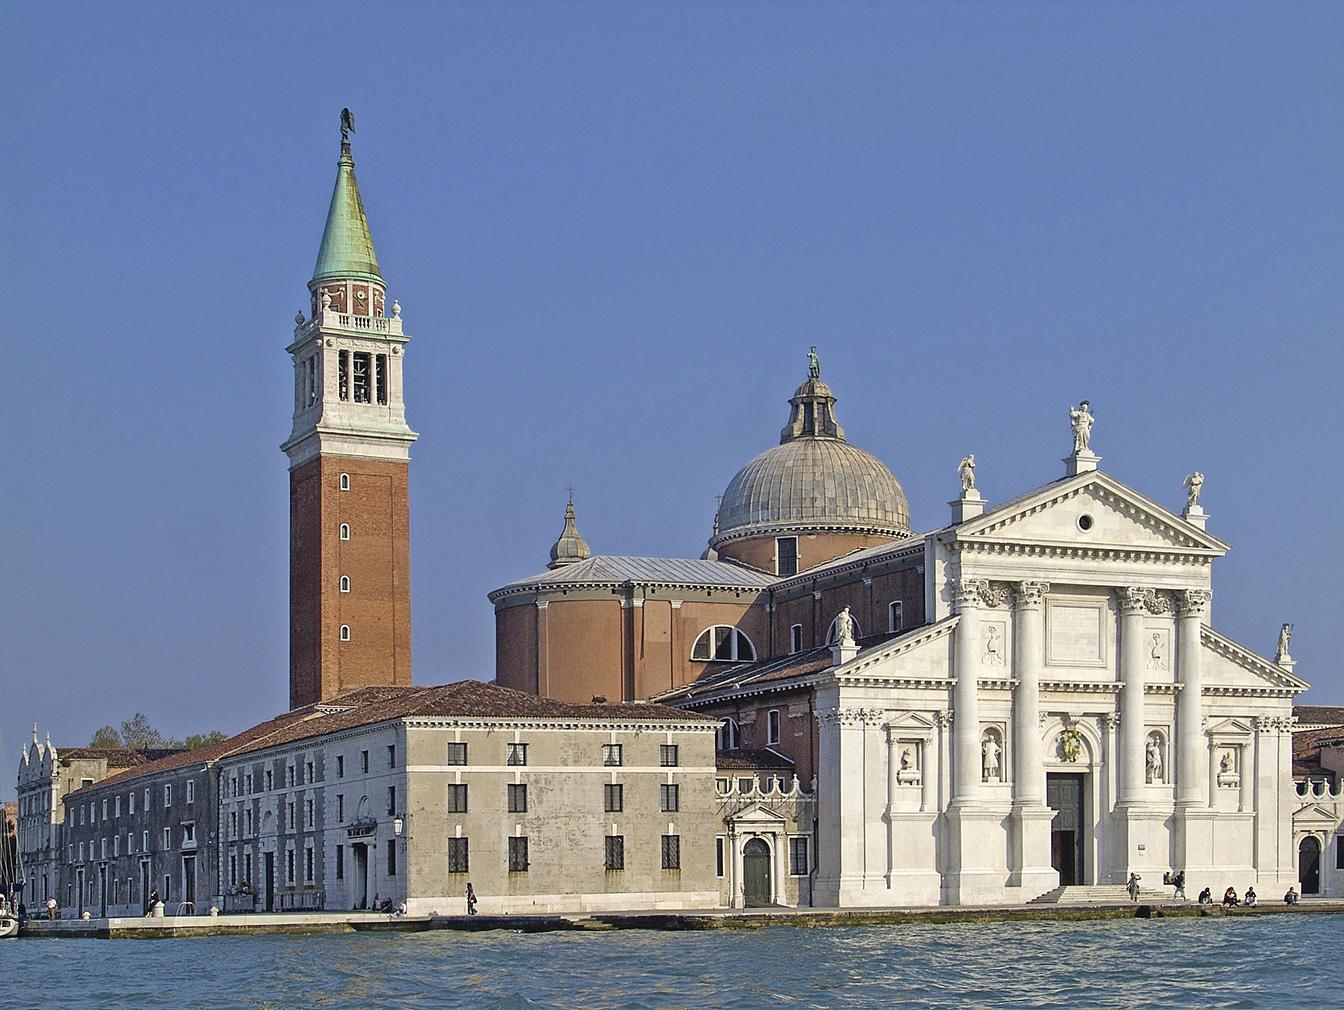 Venice Biennale venue Basilica di San Giorgio Maggiore